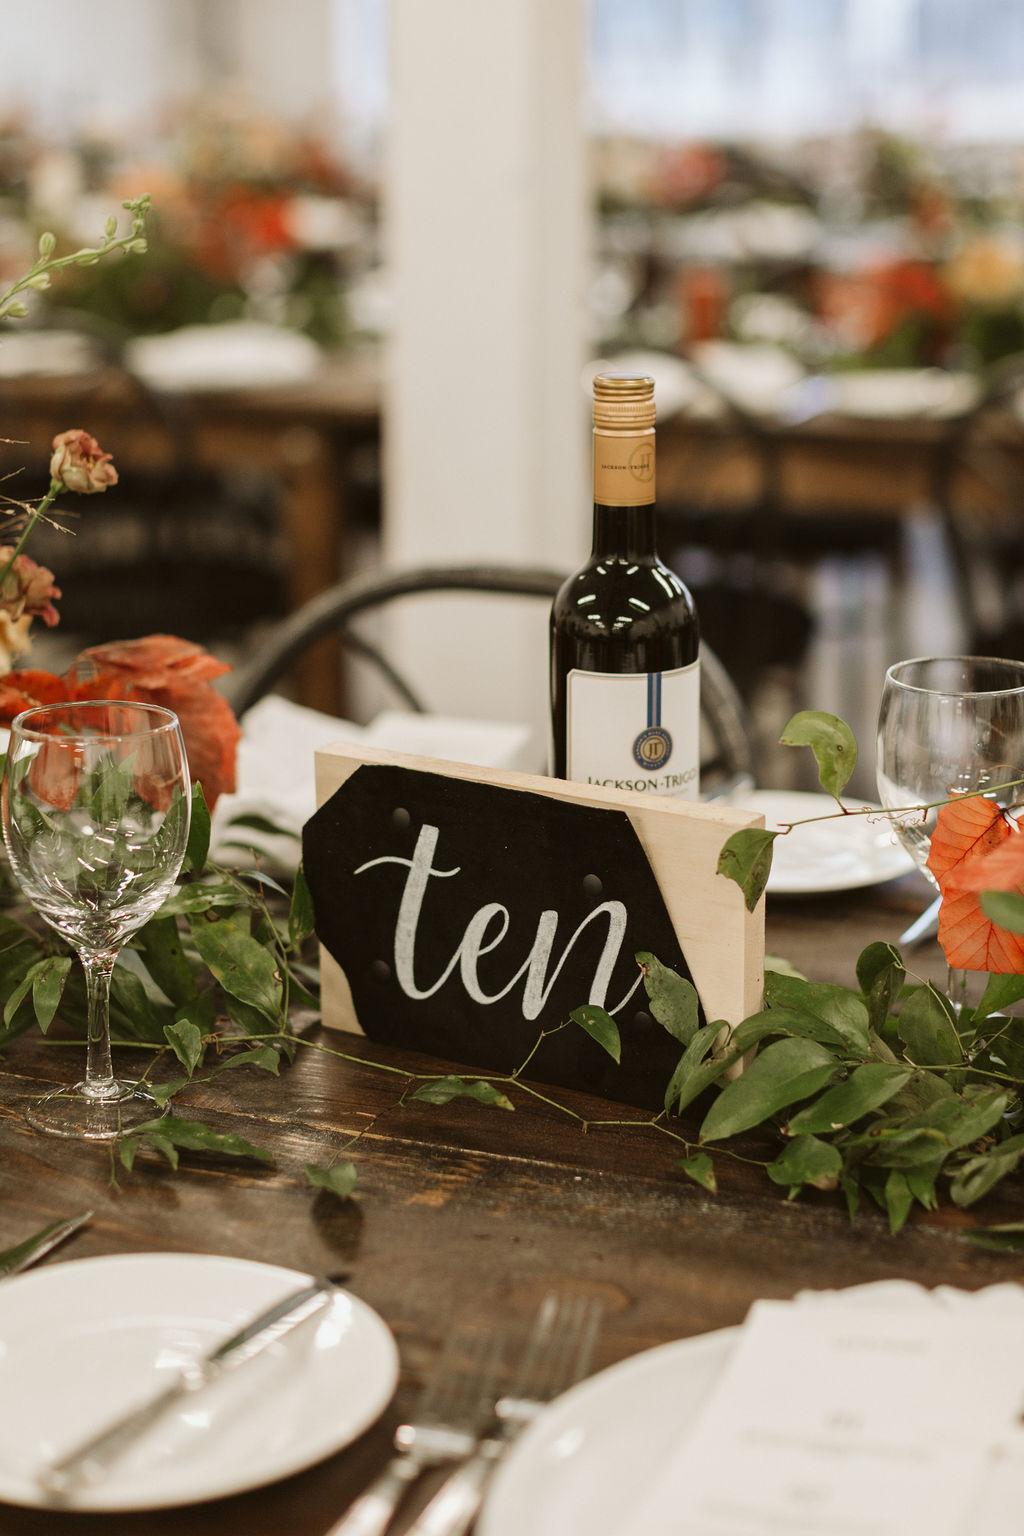 kristina+ryan_toronto+winter+wedding-379.jpg